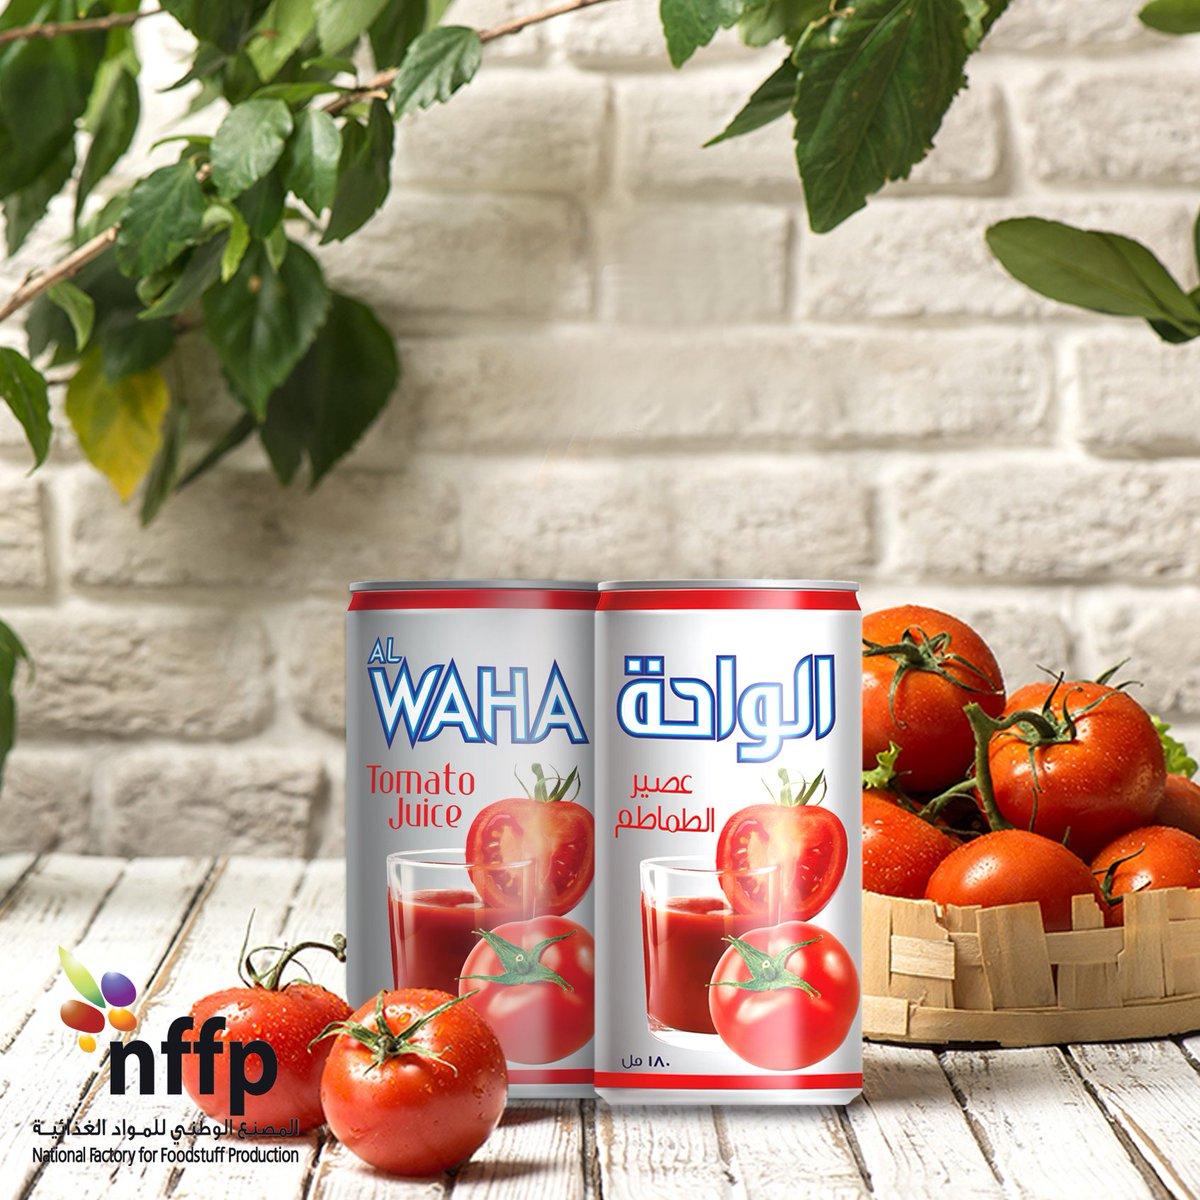 المصنع الوطني الواحة Nffp Alwaha تويتر